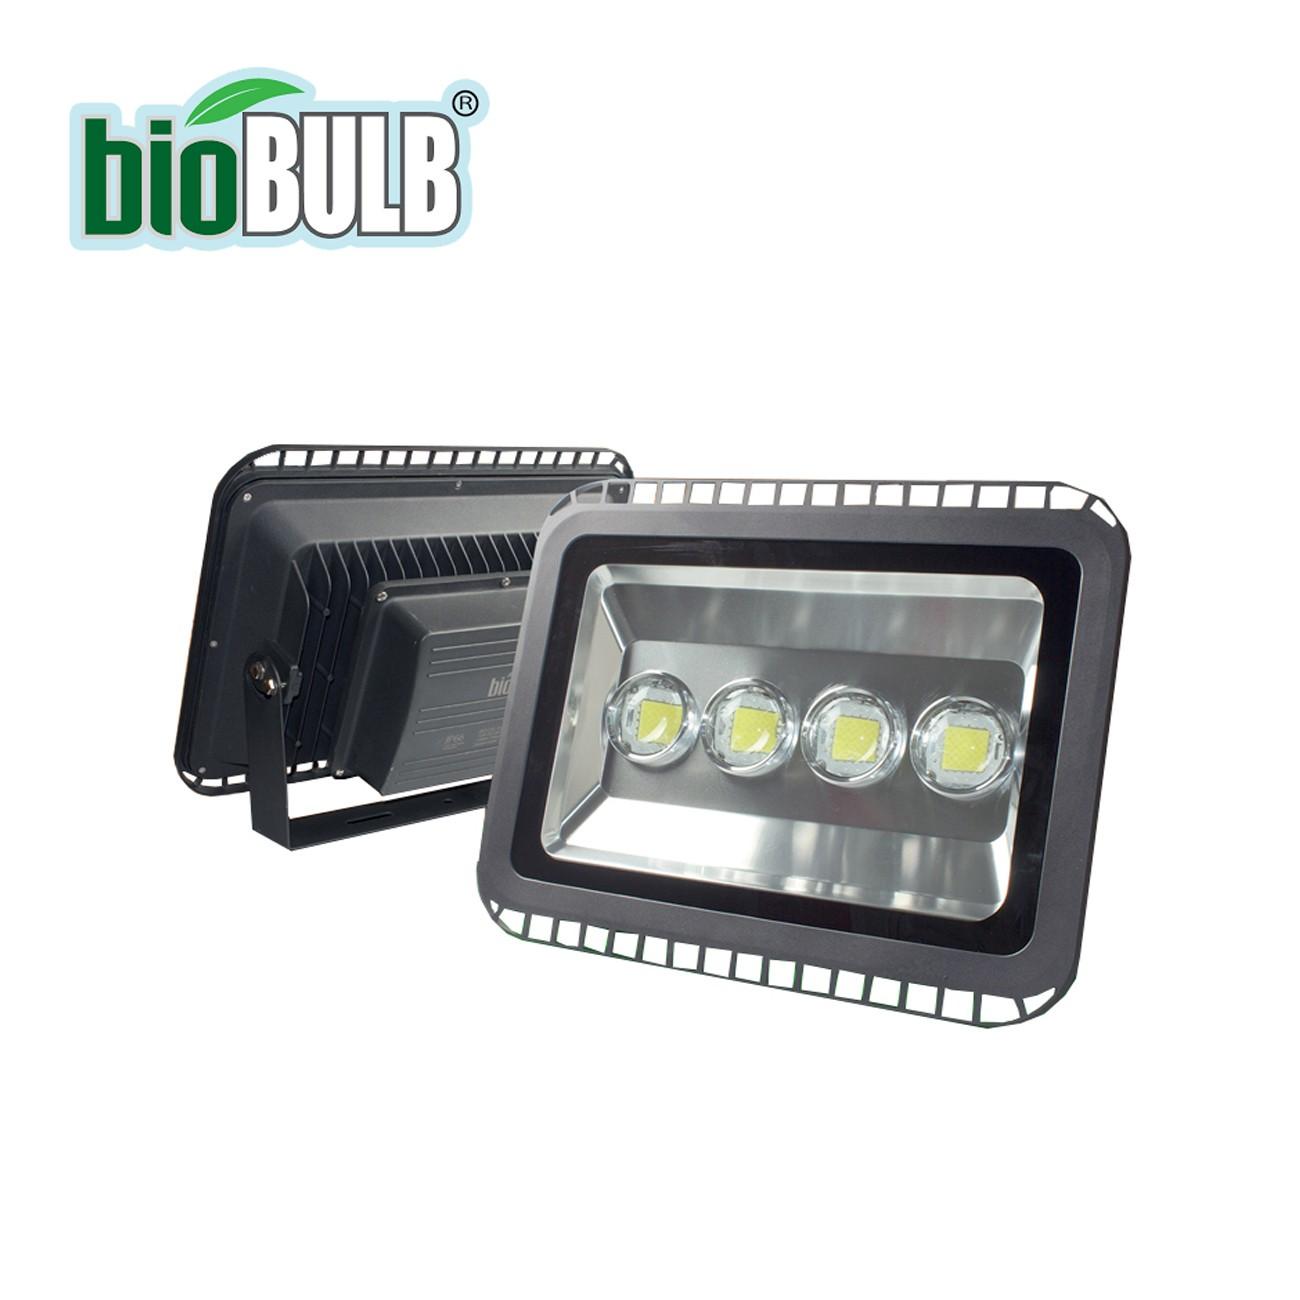 สปอร์ตไลท์ led 200w เดยไลท์ biobulb